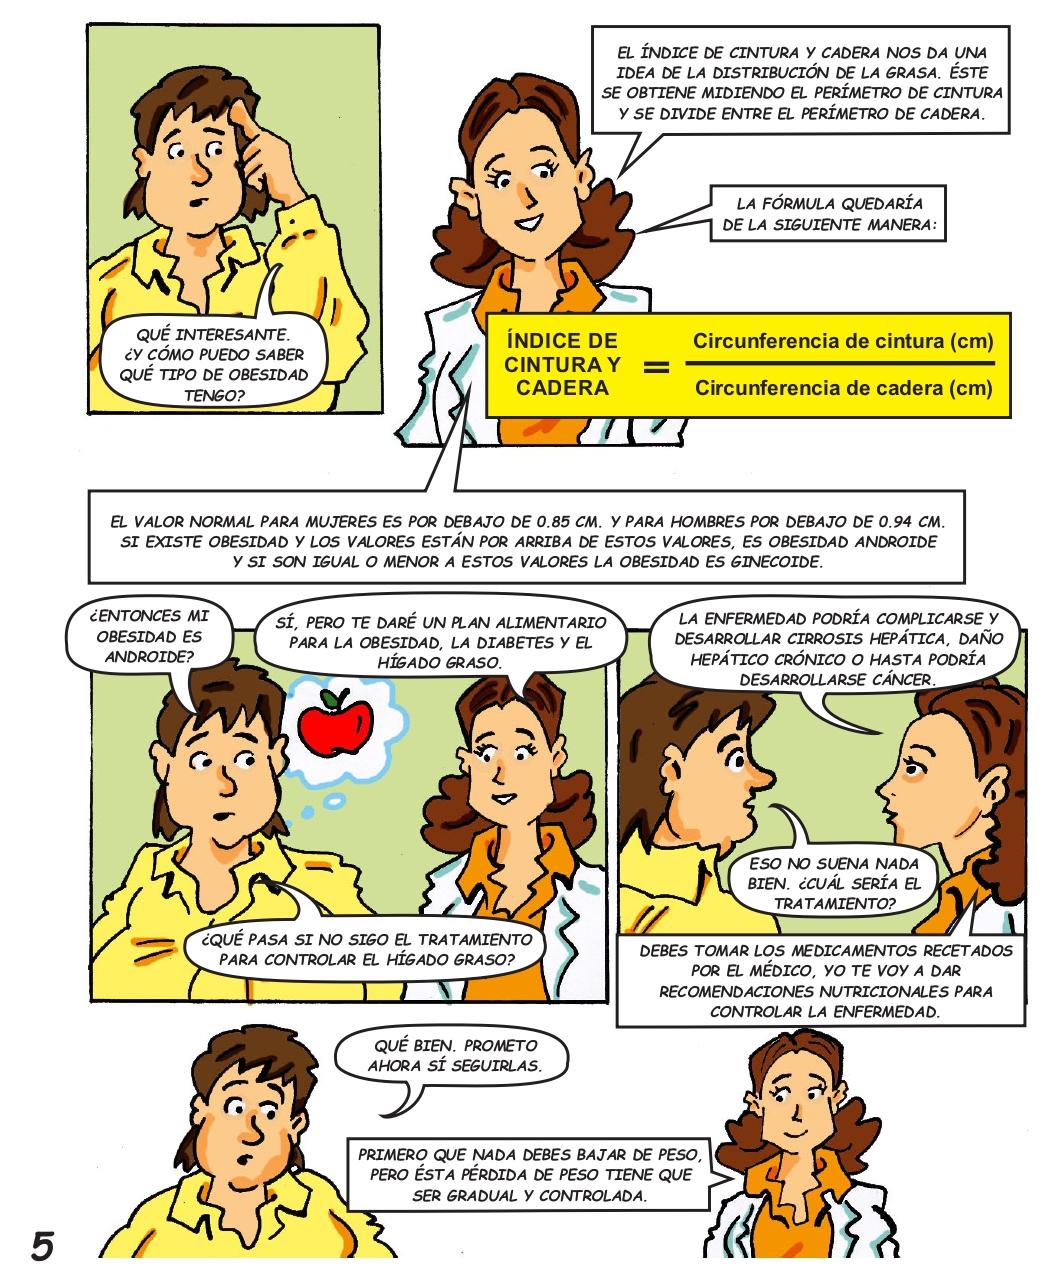 Higado graso digital_page-0007